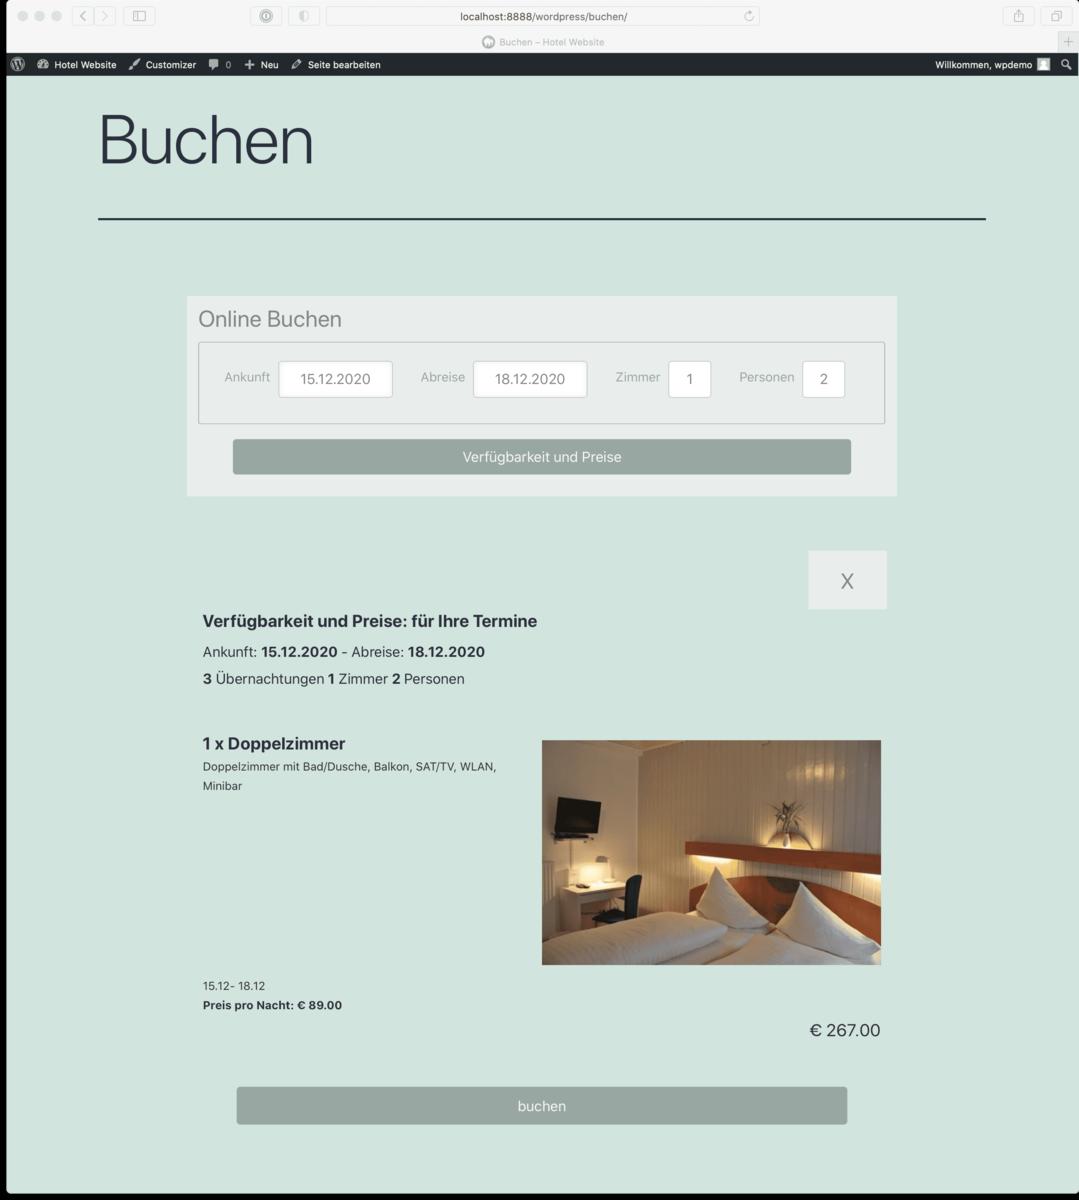 Mit dem igumbi-online-booking Plugin wird das Hotel Buchungstool in die WordPress Wesbsite im responsive Modus eingebettet.